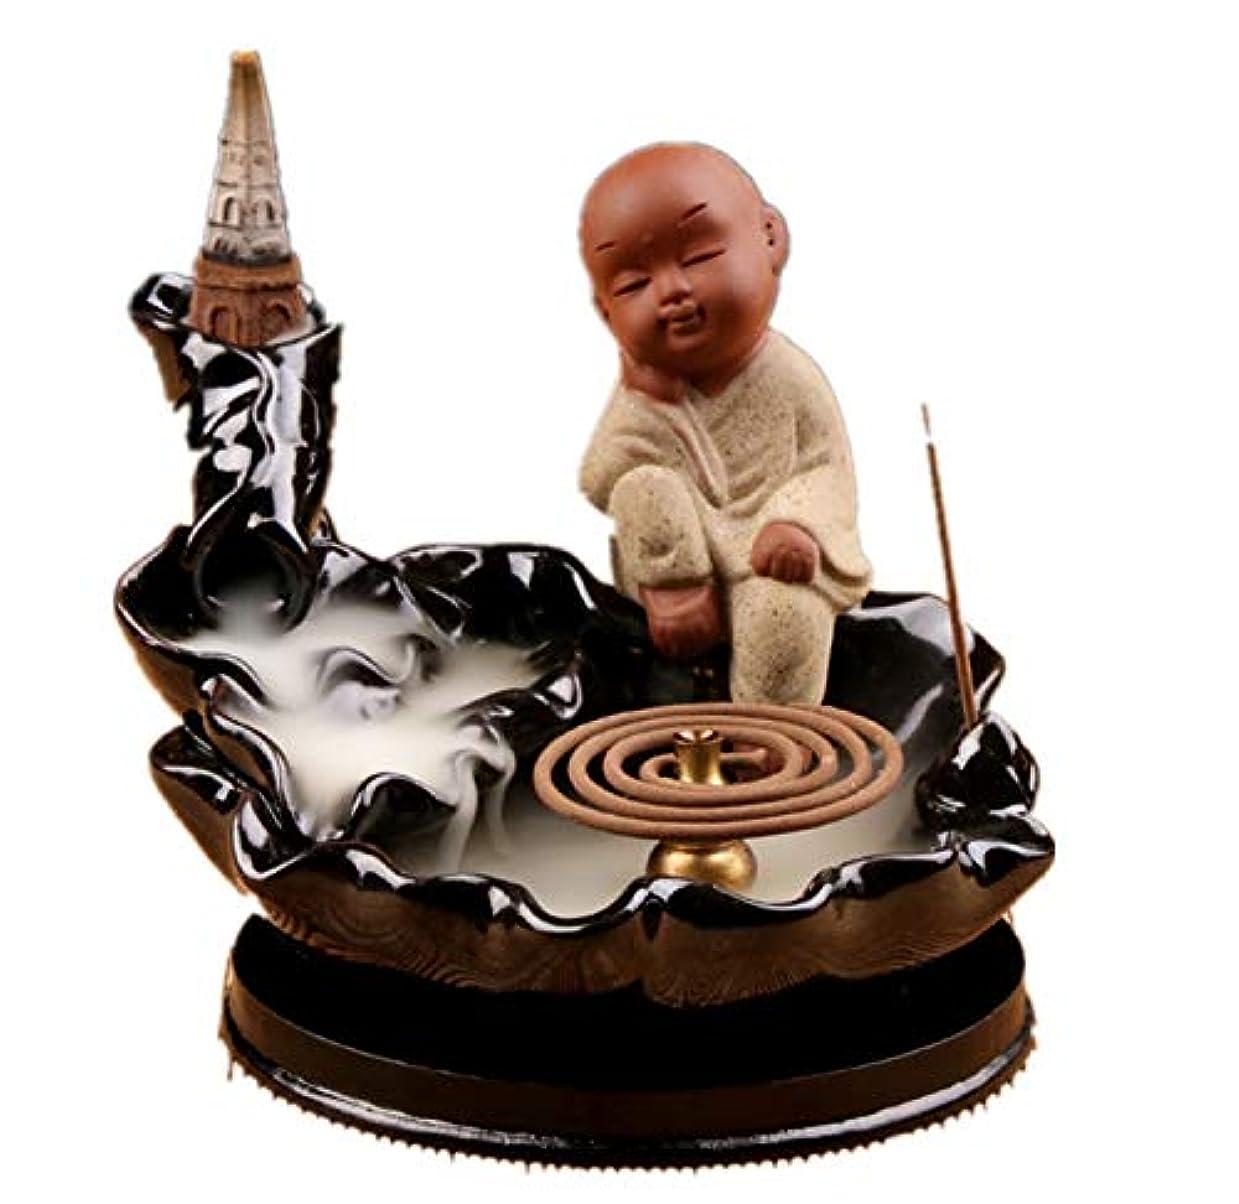 揺れる緊急誘惑するXPPXPP Waterfall Incense Holder Chinese Ceramic Reflux Incense Burner With 10 Reflux Cones